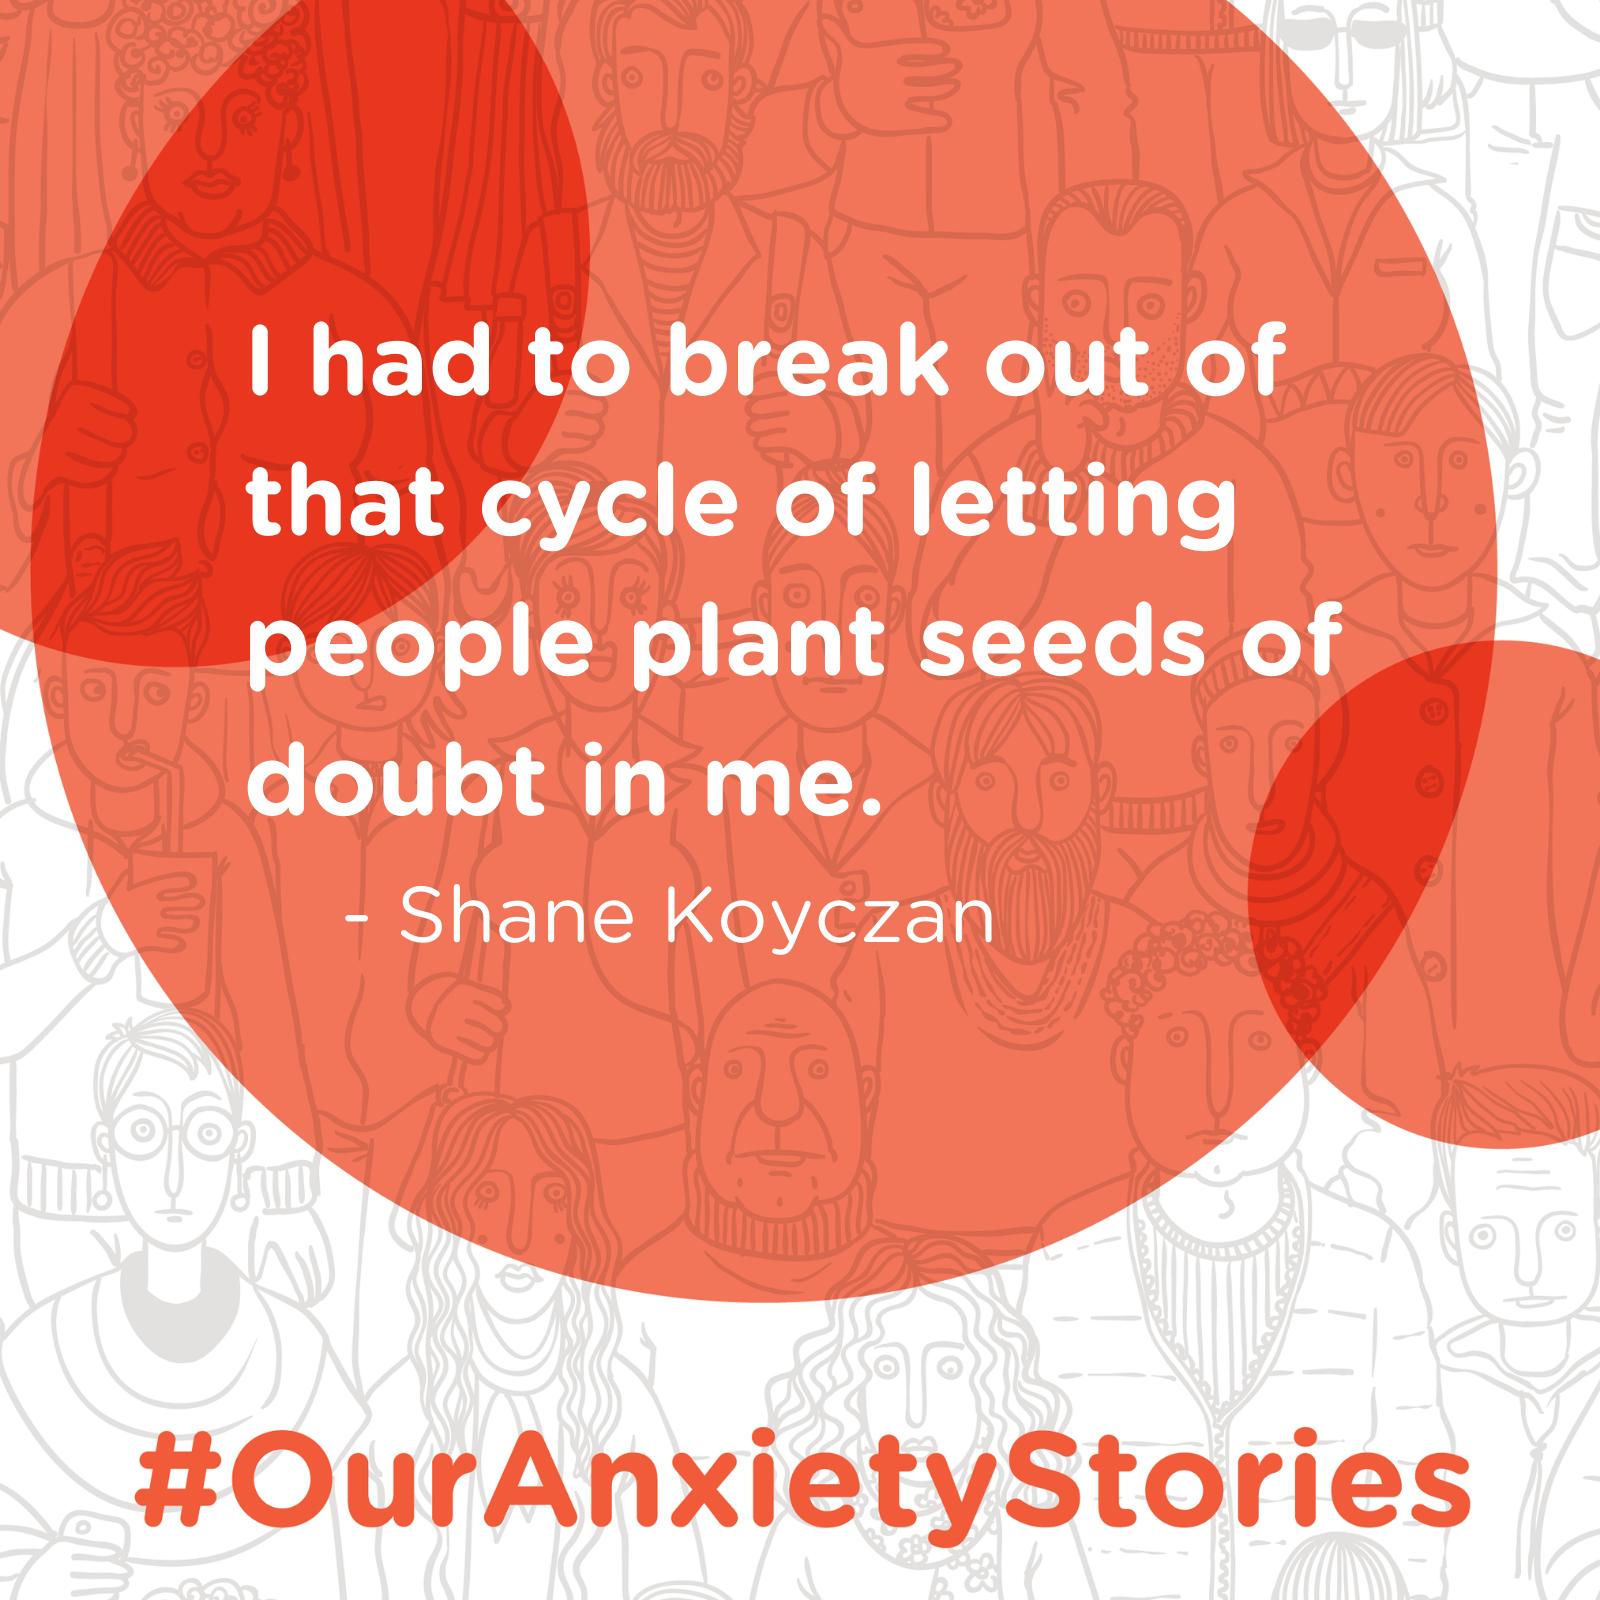 Beyond the Bullies: Shane Koyczan's Journey with Anxiety